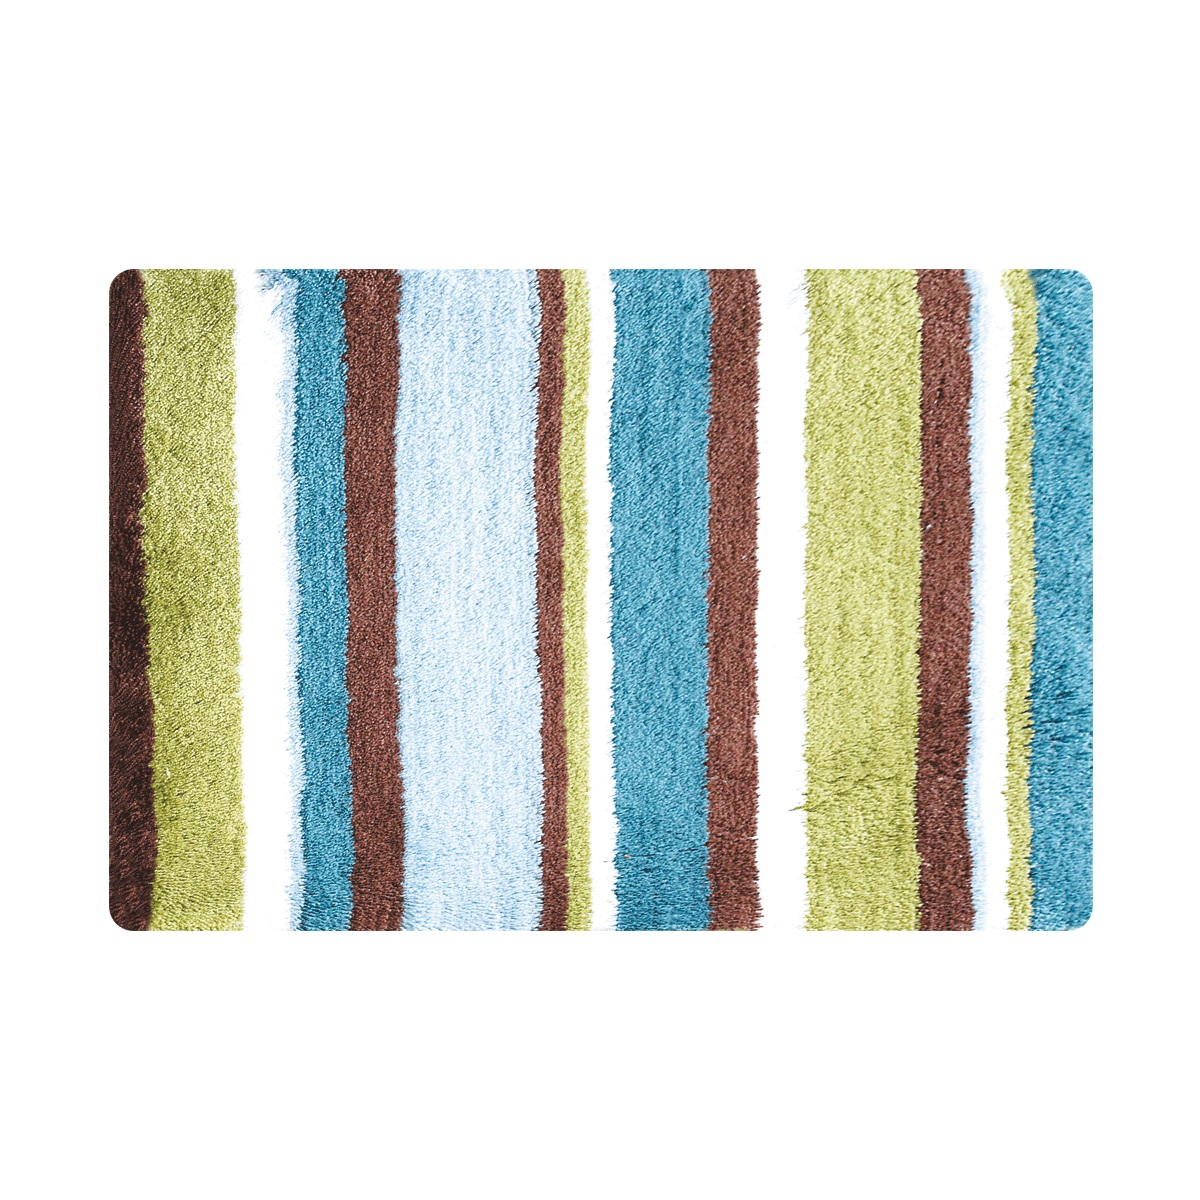 Коврик для ванной Iddis Raguza Fields, цвет: зеленый, 50 х 80 смMID199M100% Полиэстеровый тканный коврик для ванной комнаты на латексной основе. Высота ворса 2.5см